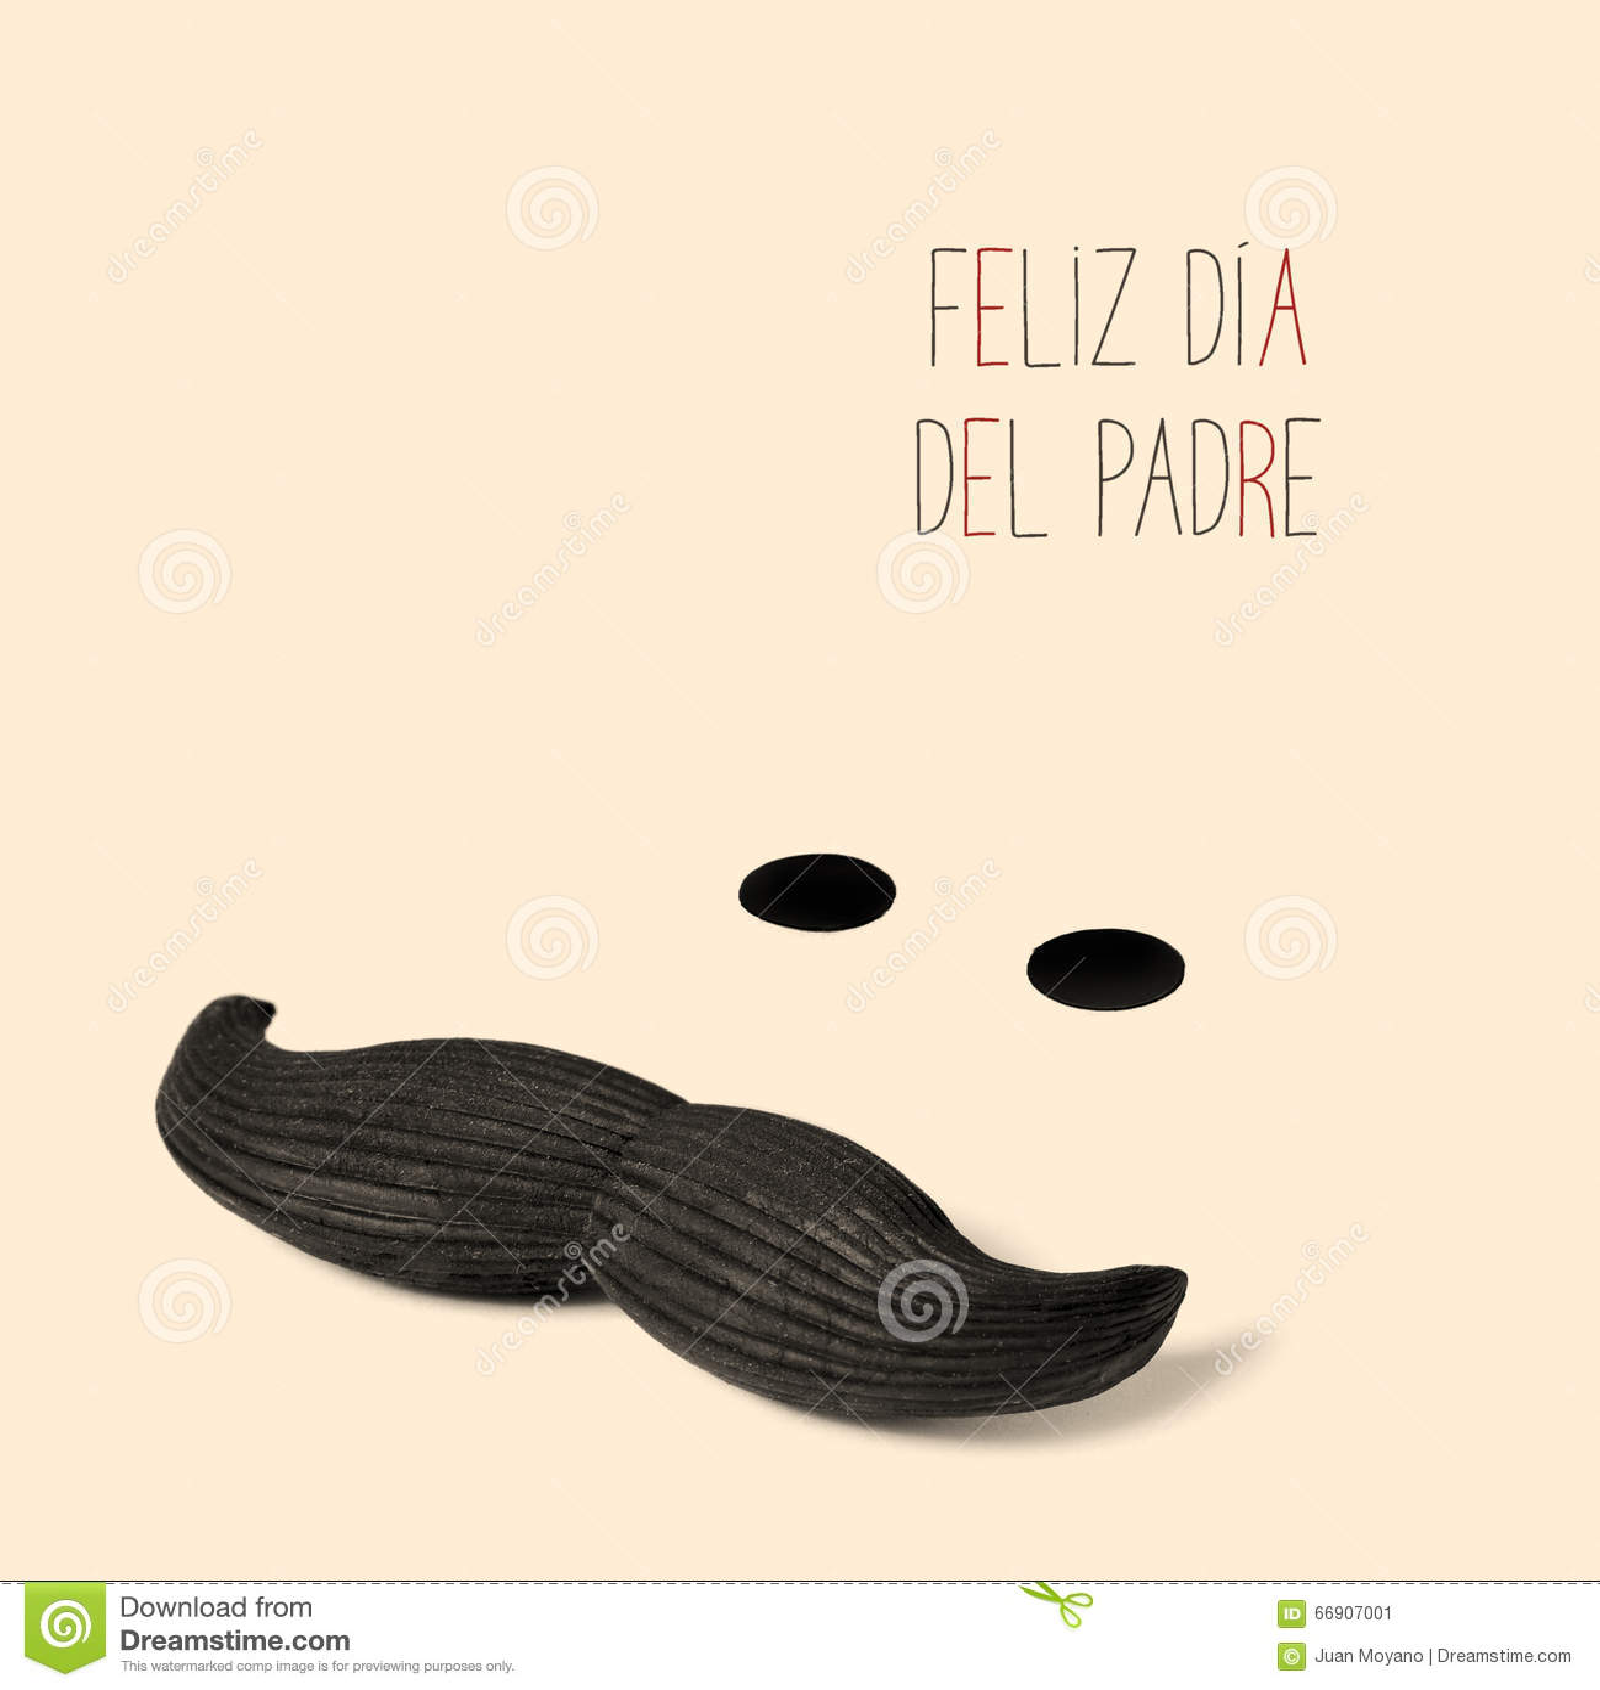 Tekst feliz dia del padre, gelukkige vadersdag in het Spaans